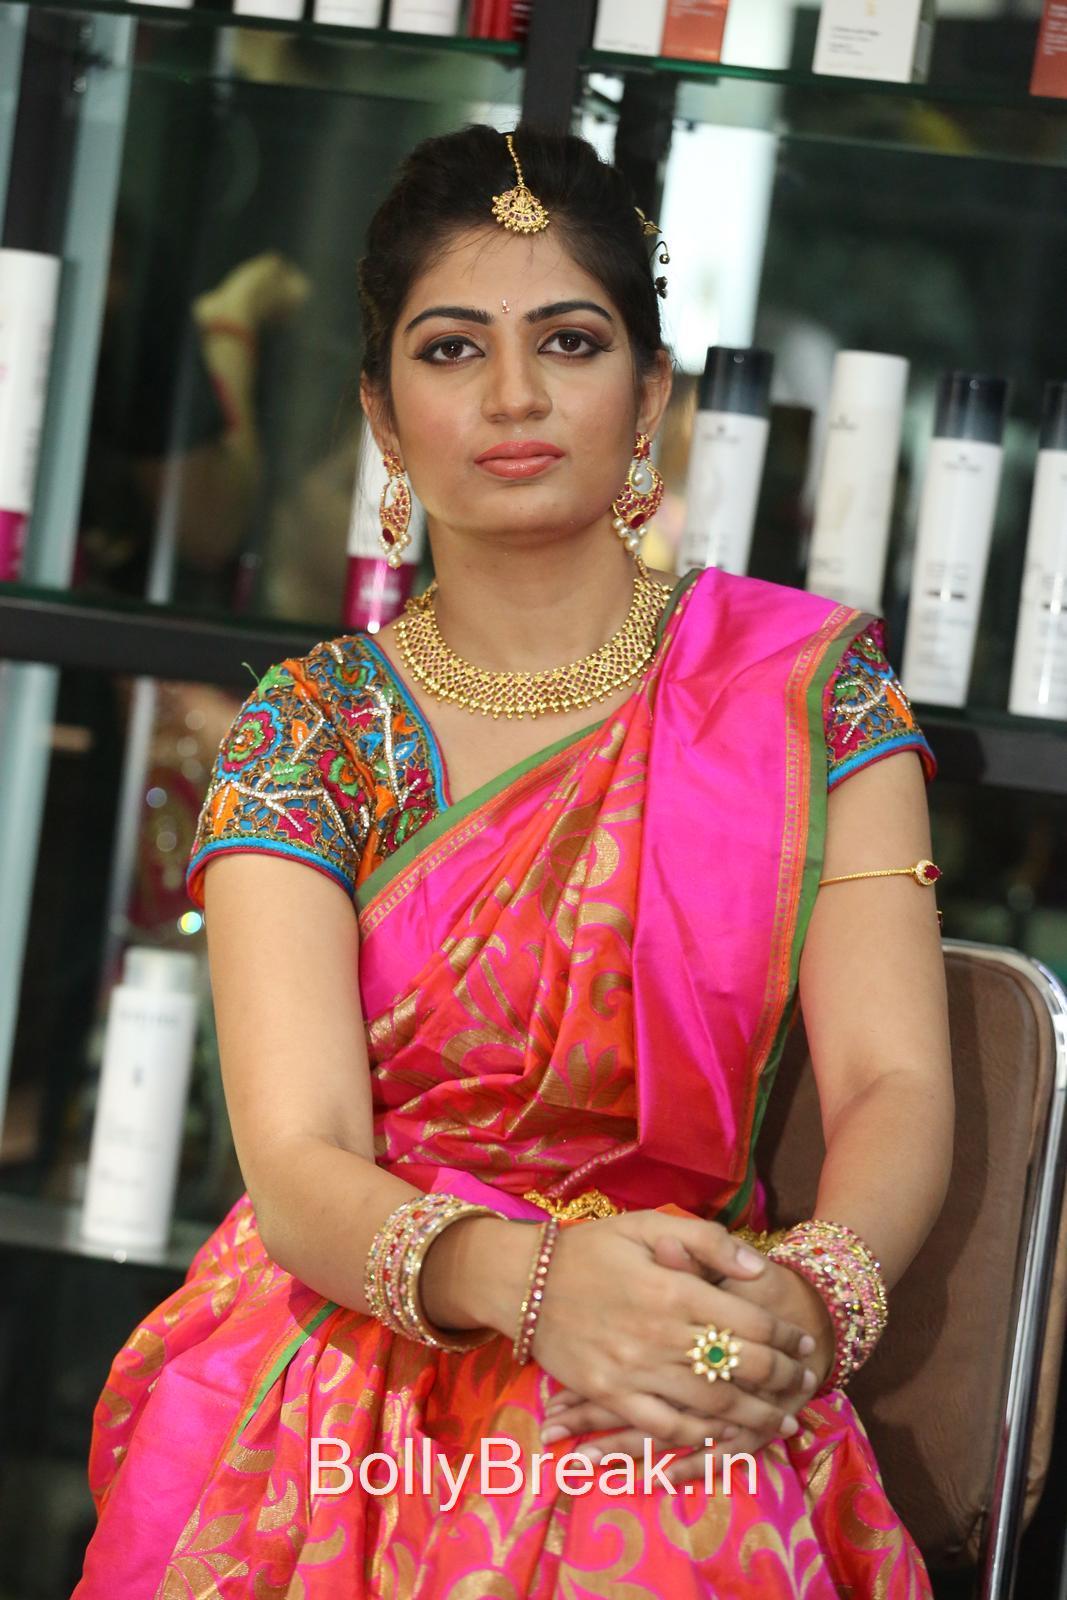 Akanksha Photo Gallery with no Watermarks, Akanksha Hot Pics from Bridal Dream Make up At Lakme Salon